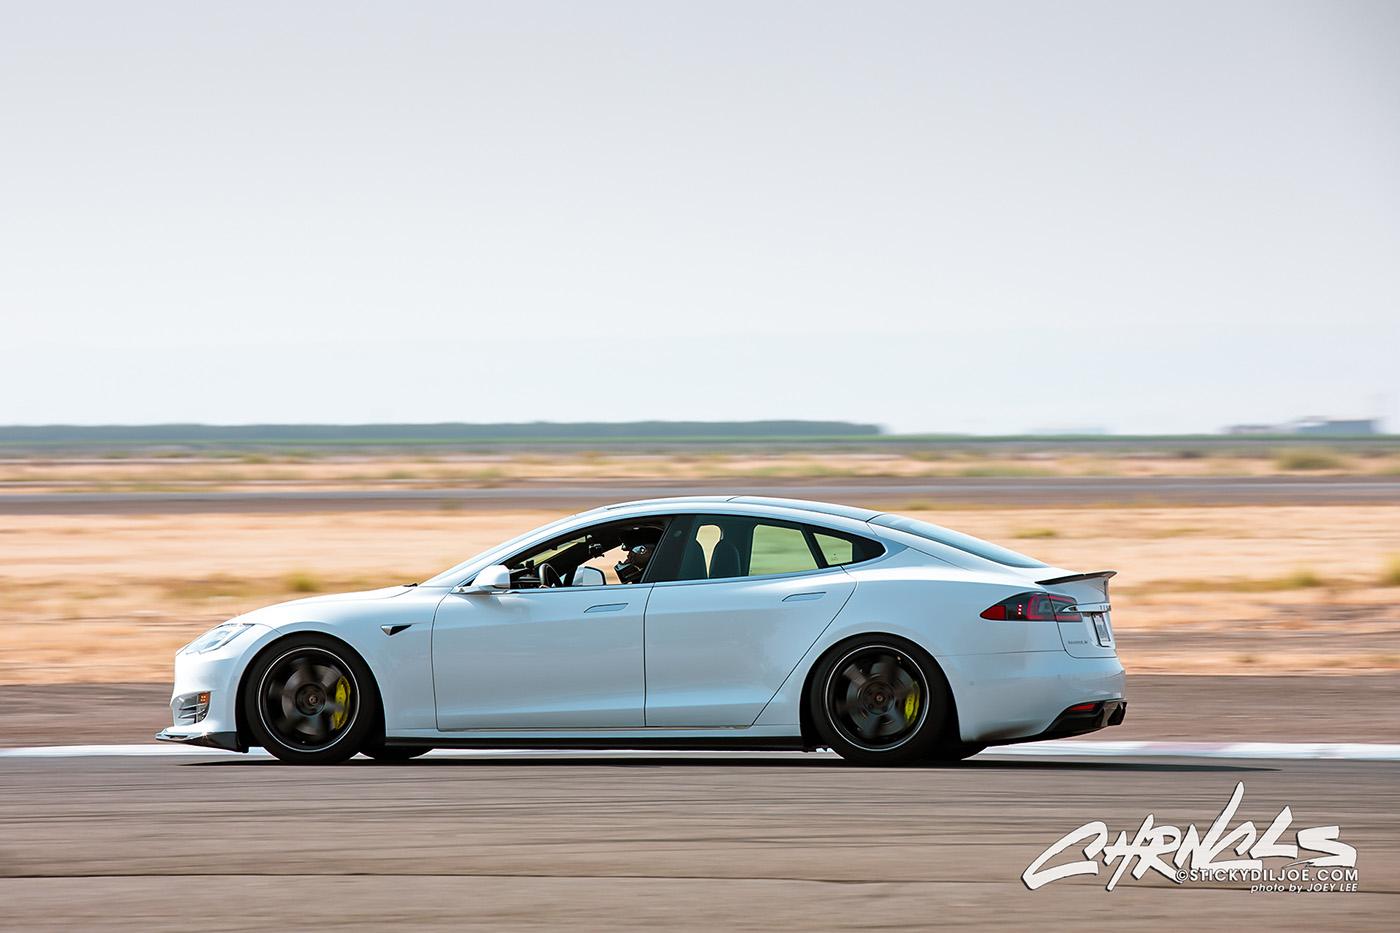 Testing The TDG Tesla Model S At The Track… CHRNCLS Vlog 2020 #22